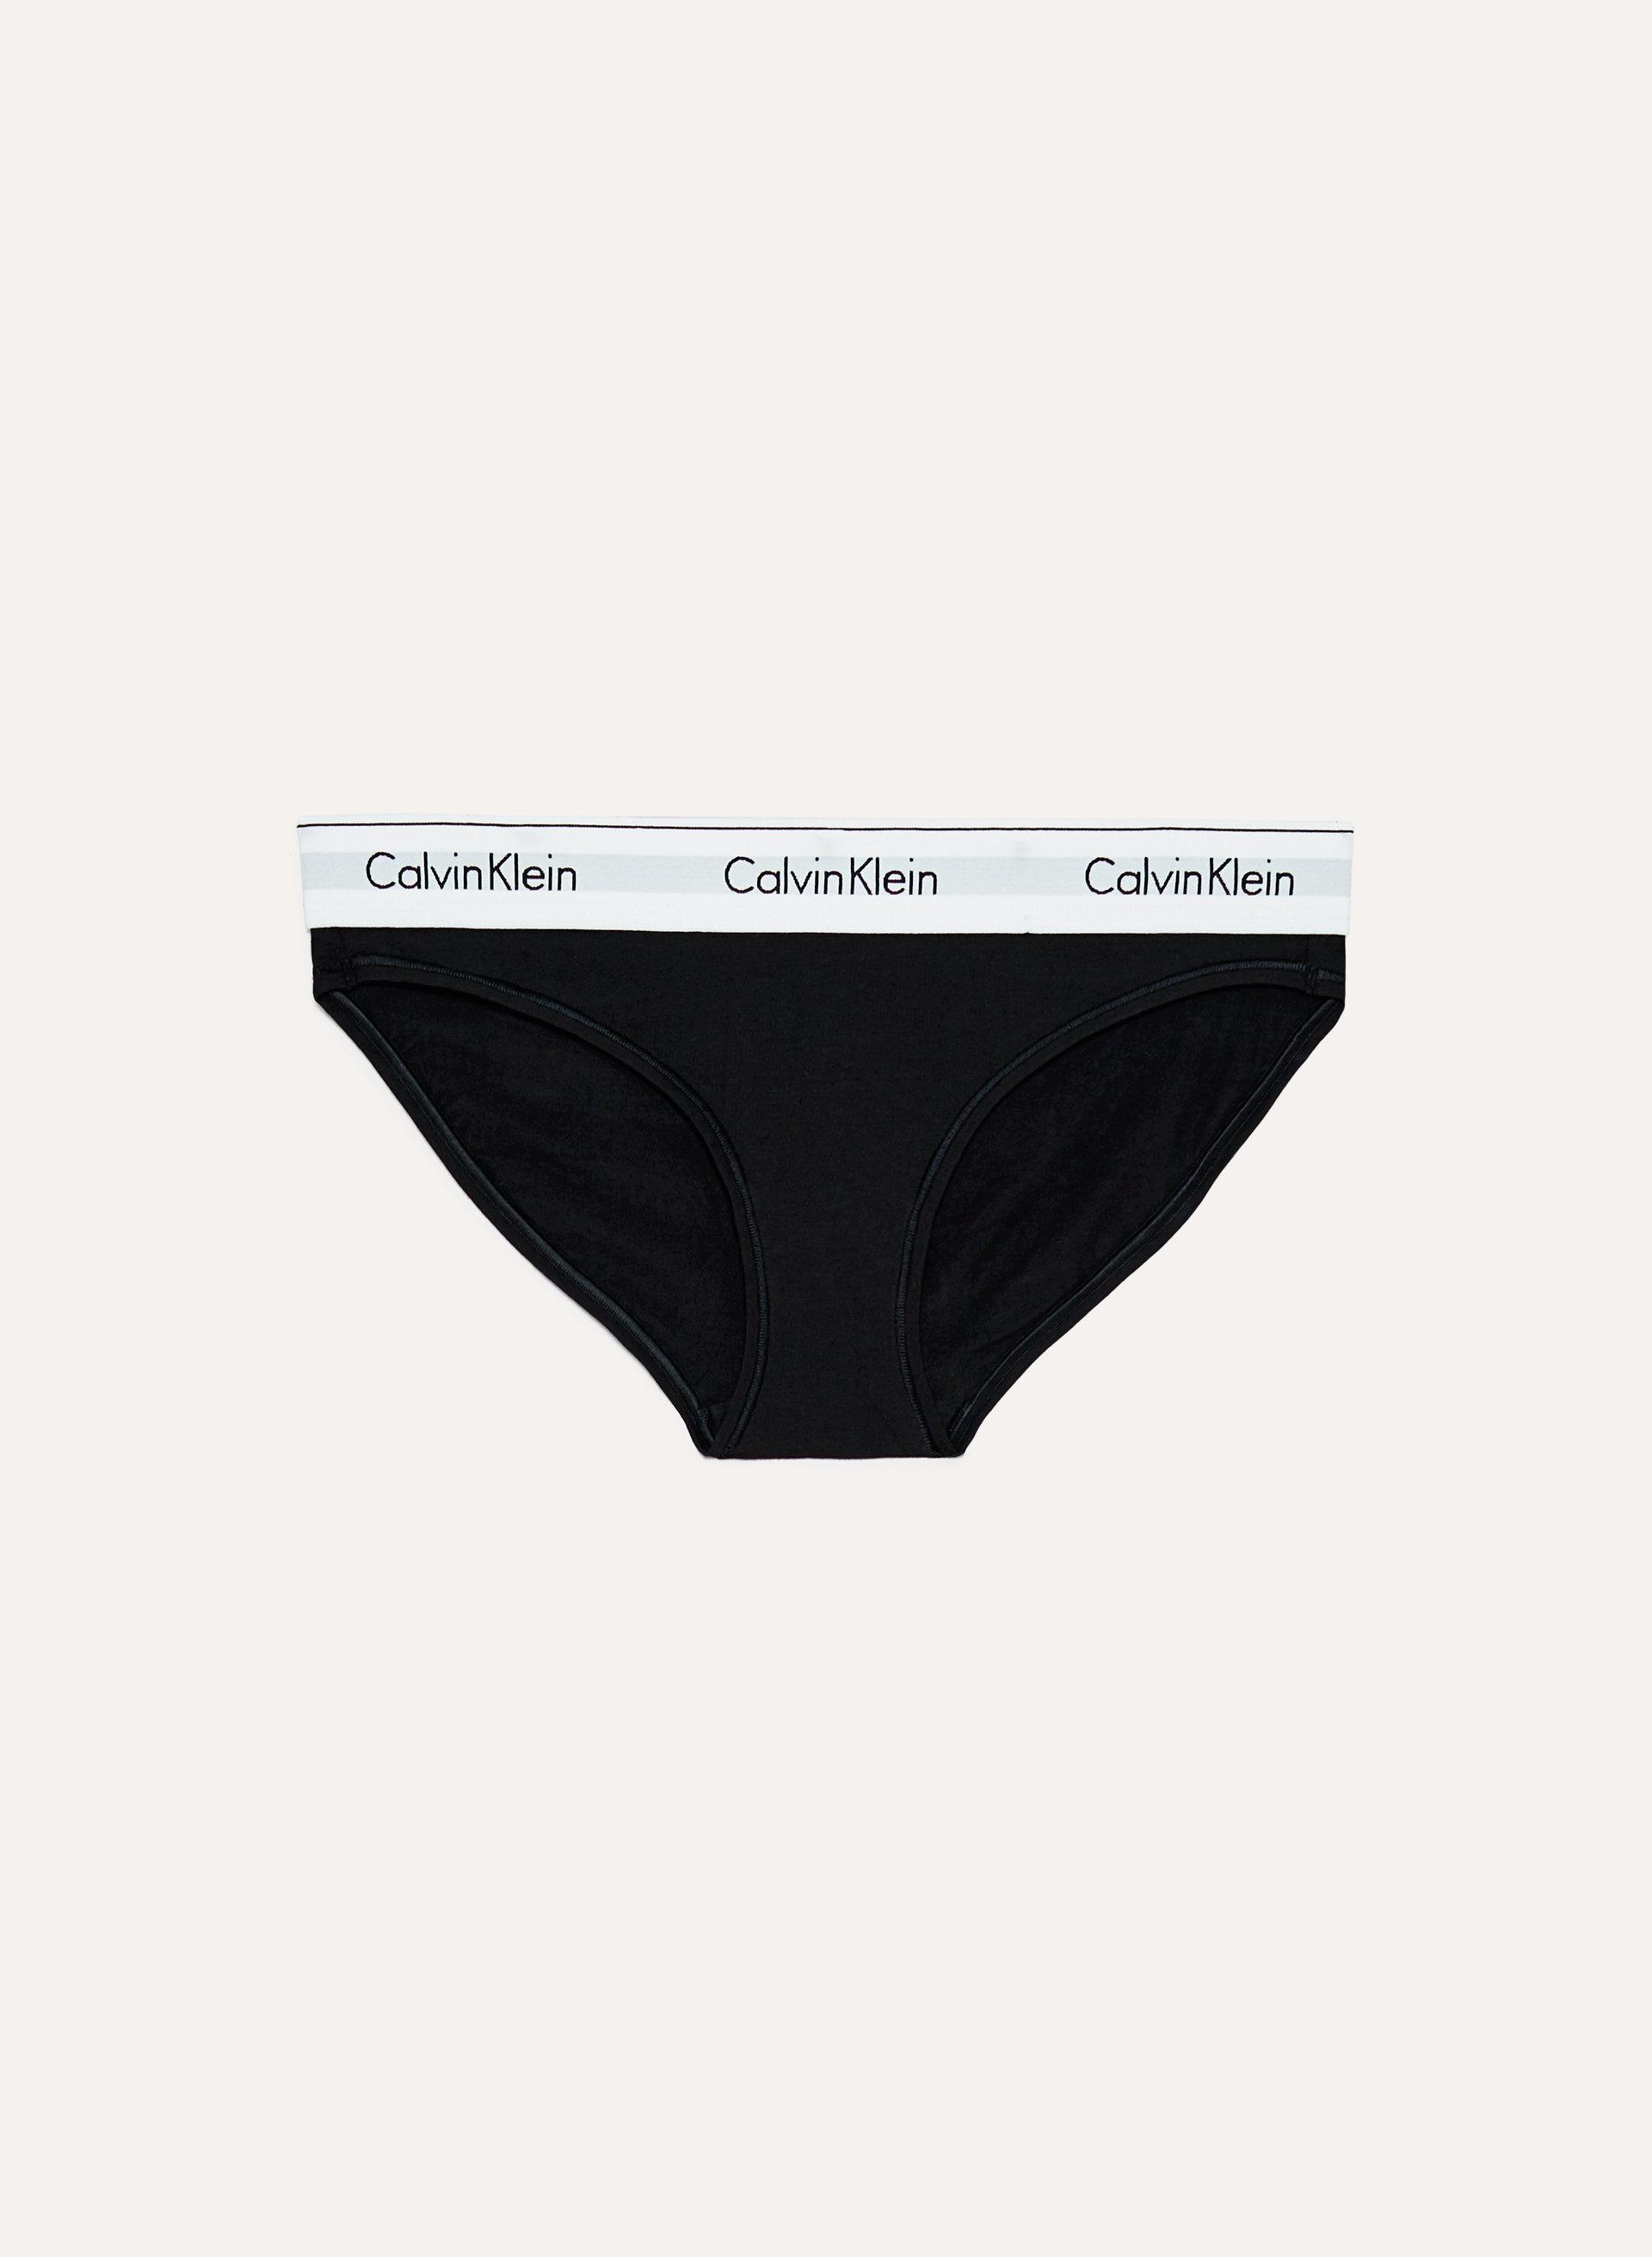 2cfd05f3fedf01 calvin klein modern cotton brief sale   OFF69% Discounts